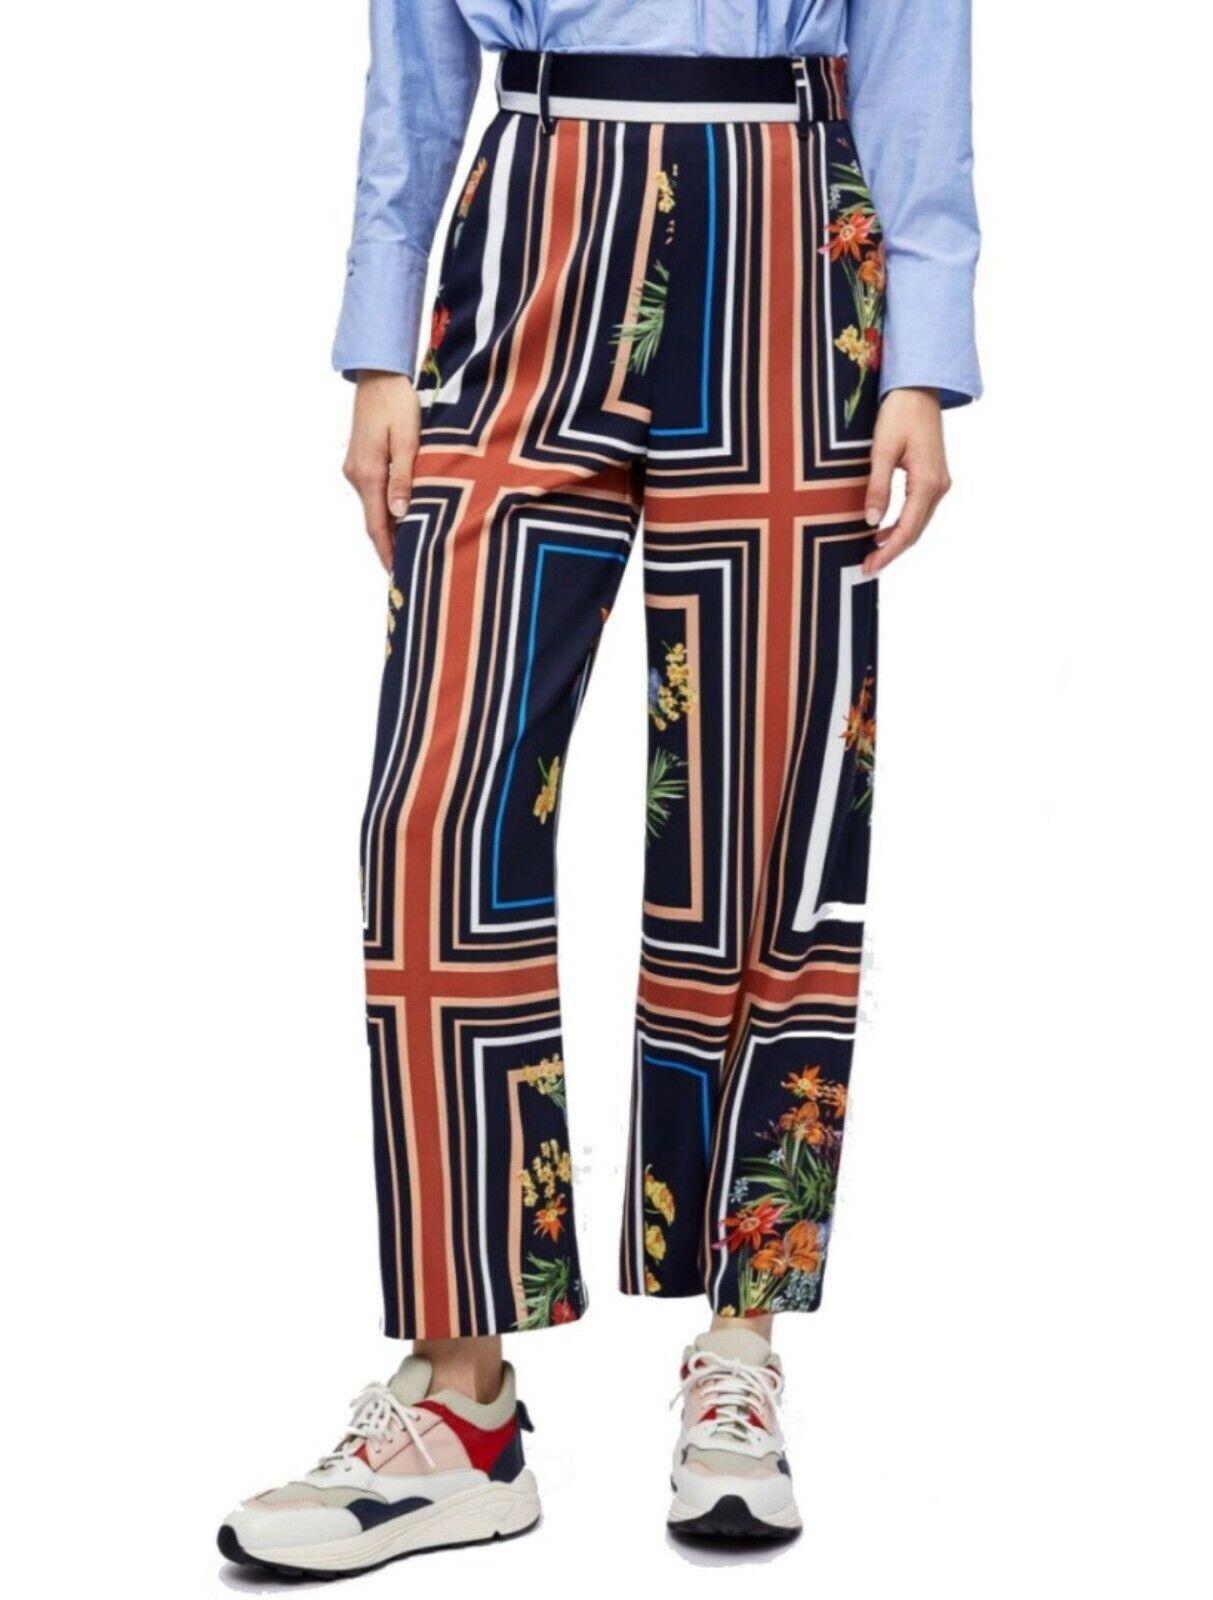 Marella Reschwarz Pantalone damen Col Blu tg 42   NUOVA COLLEZIONE S S 19